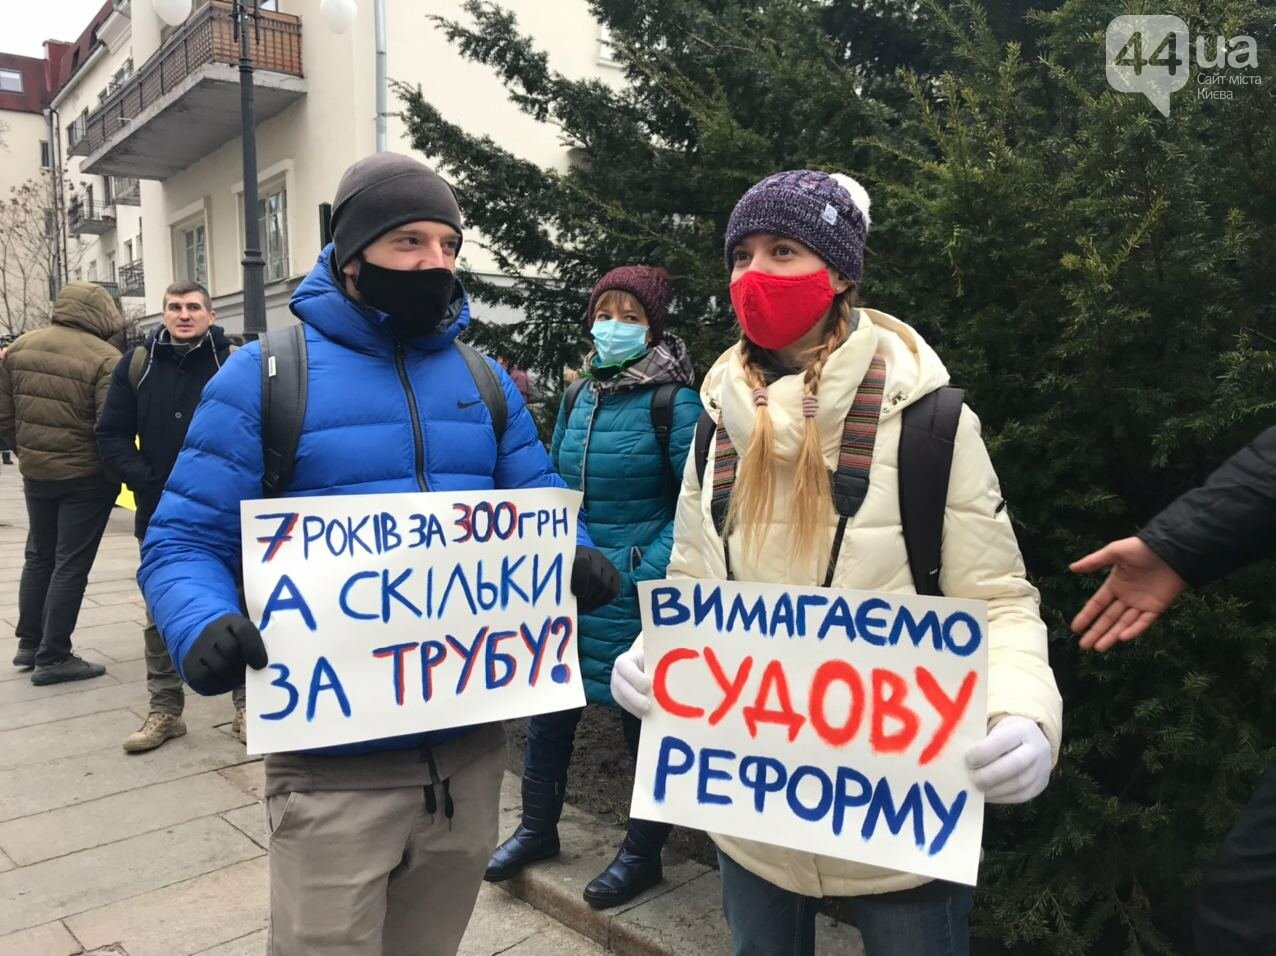 Перекрытые улицы и люди в форме: в Киеве готовятся к новым протестам из-за суда над Стерненко, фото-5